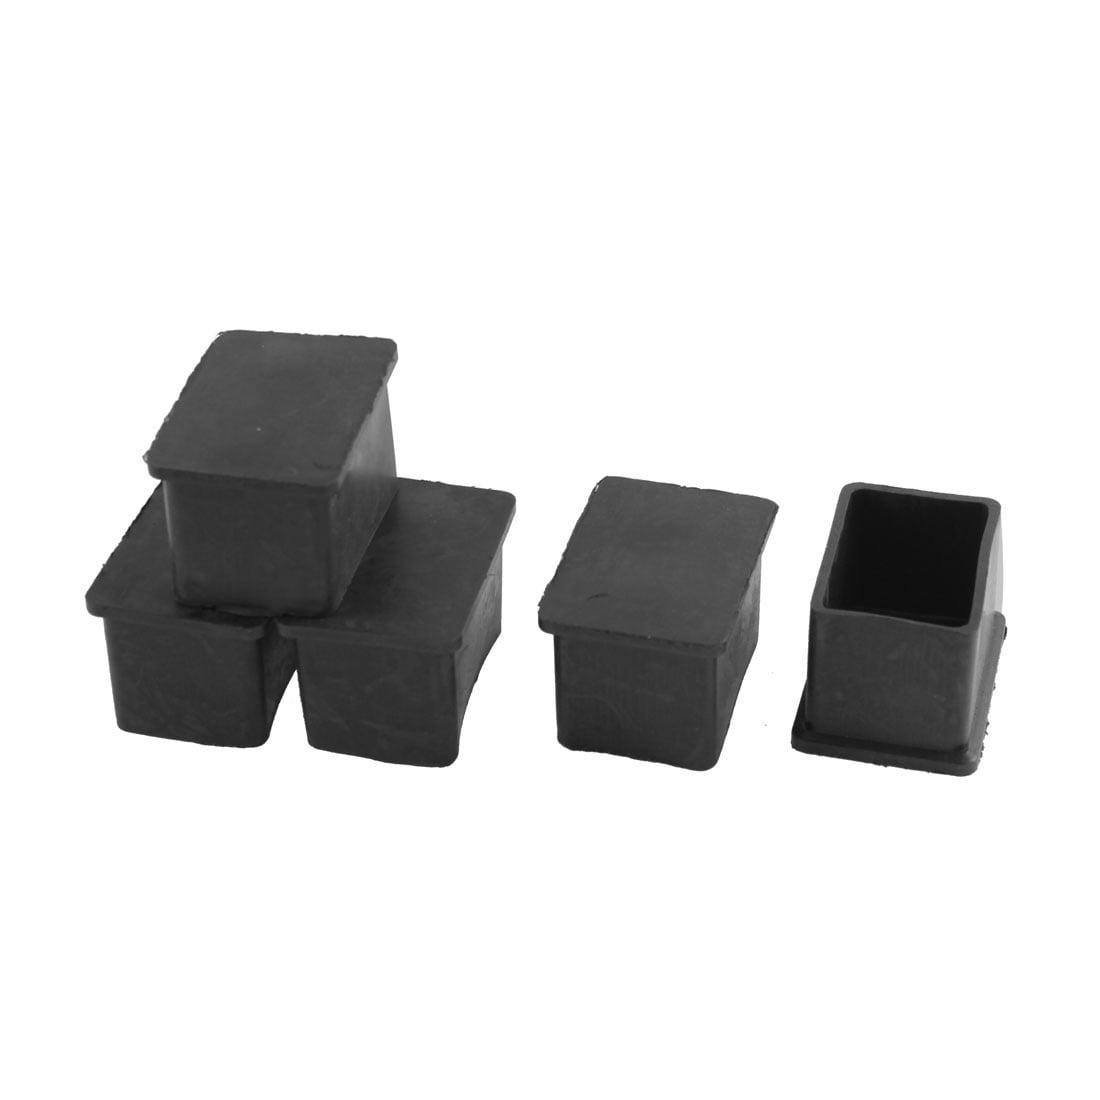 Rectangular rubber plugs bing images